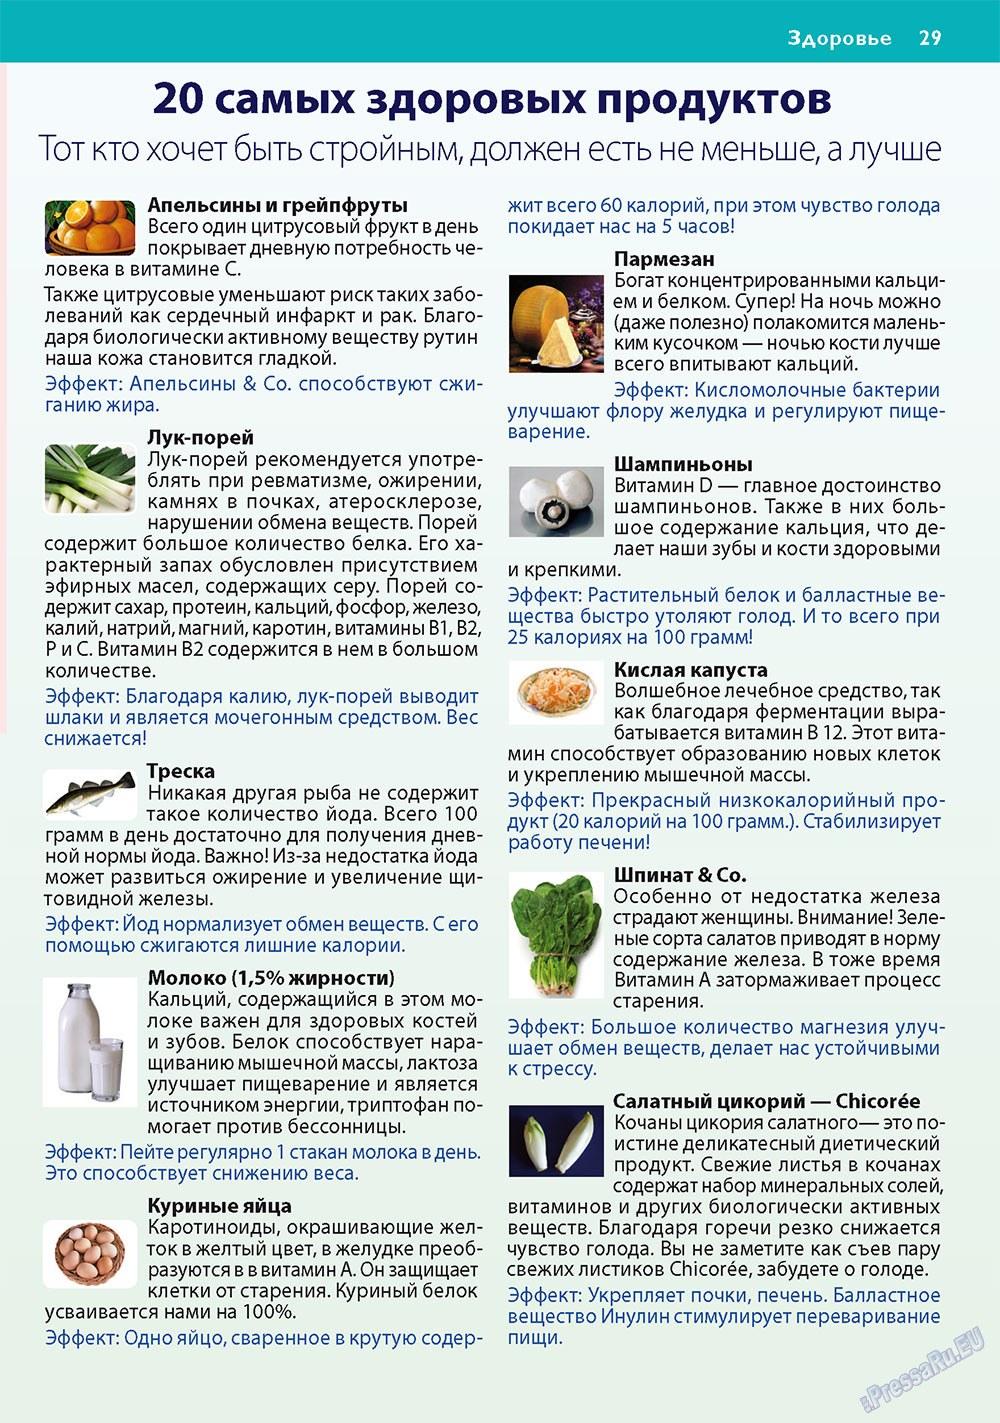 Апельсин (журнал). 2011 год, номер 20, стр. 29